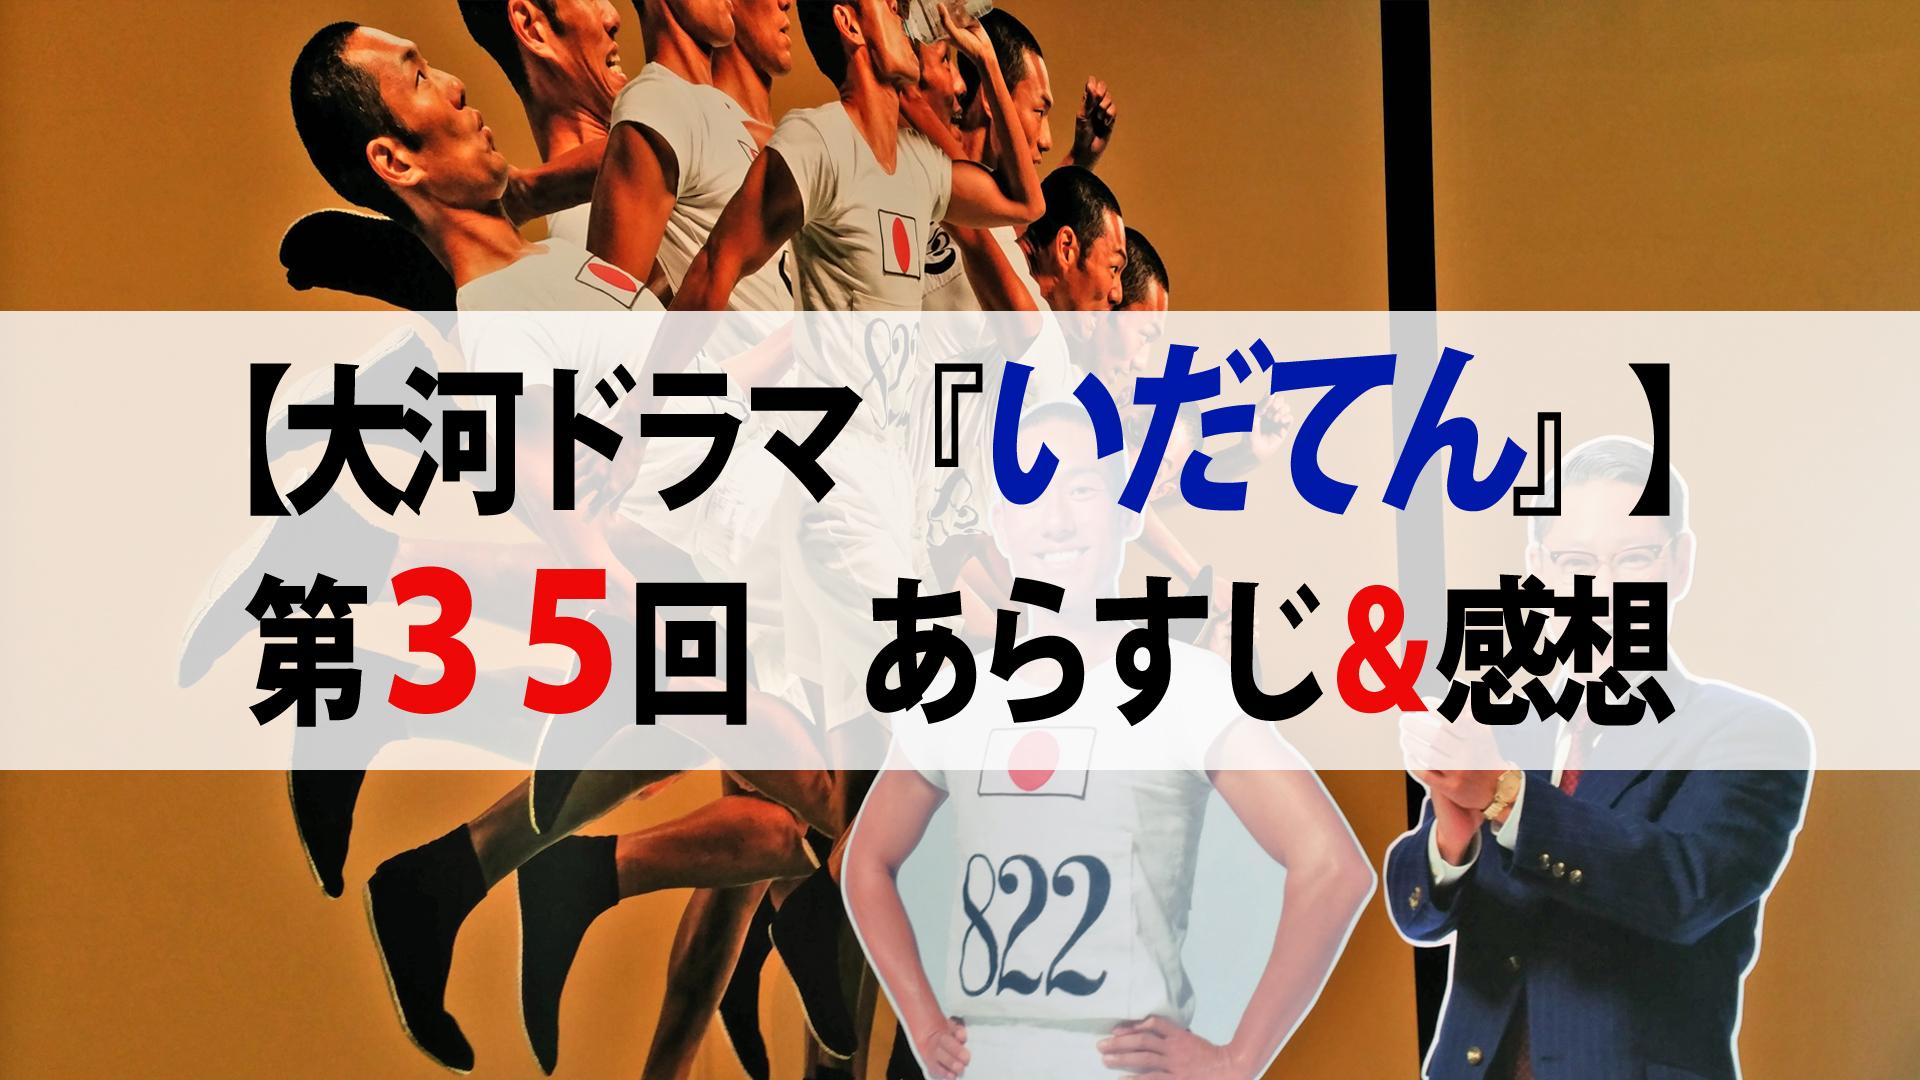 【大河ドラマ『いだてん』】第35回『民族の祭典』あらすじ&感想